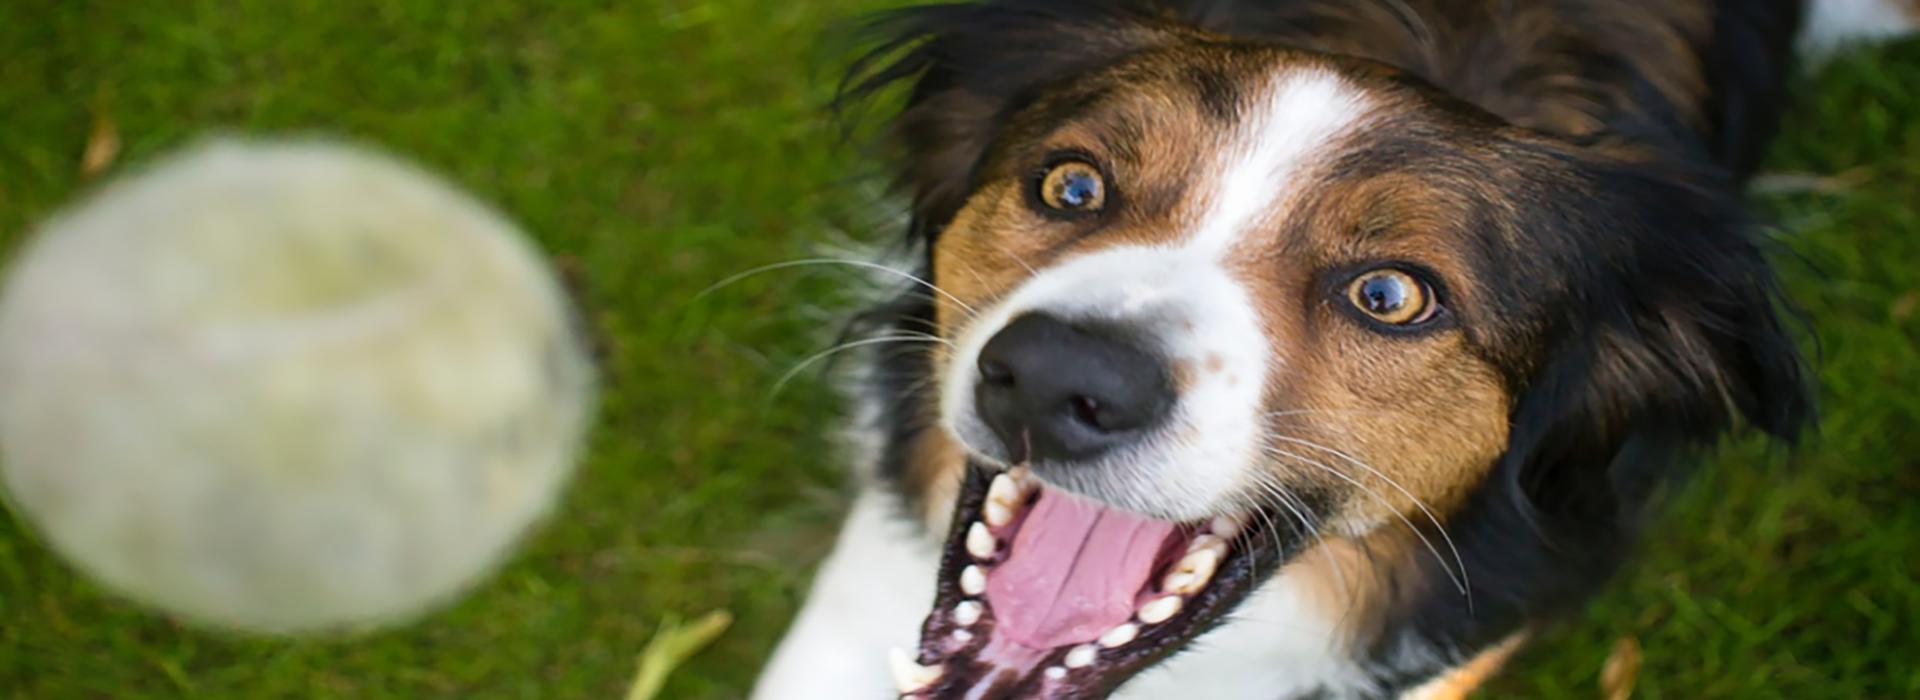 gros plan d'un chien avec la bouche ouverte